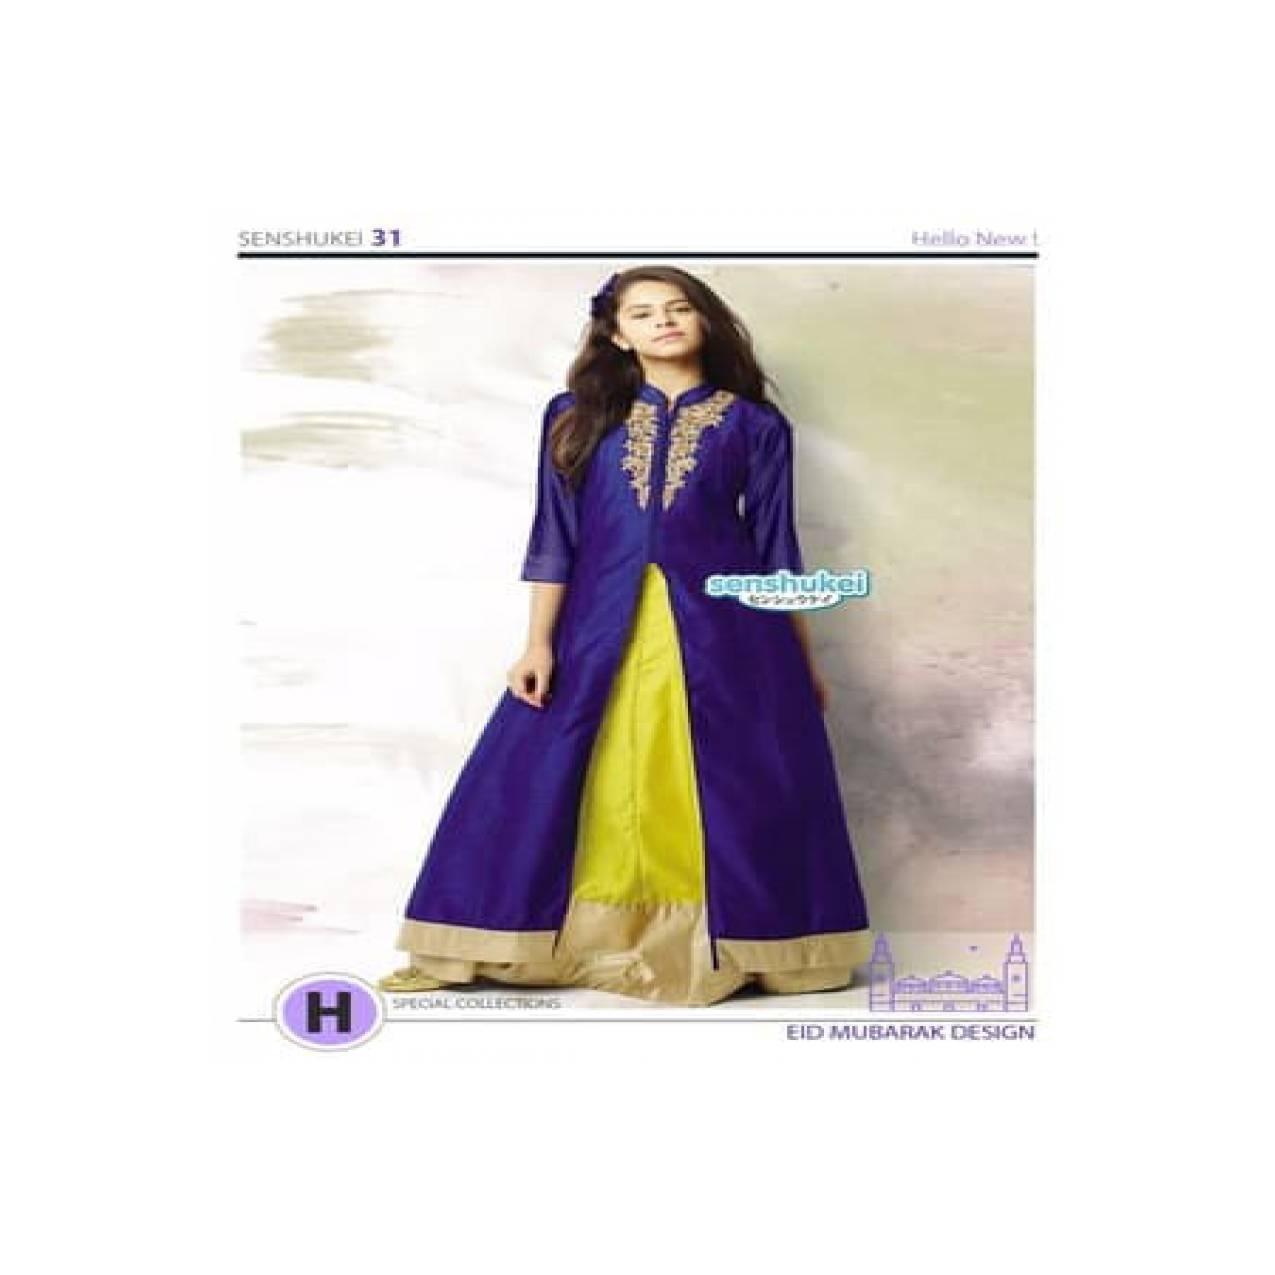 BAJU MUSLIM GAMIS INDIA SENSHUKEI 31 H DRESS LEBARAN ANAK 8-13 TAHUN